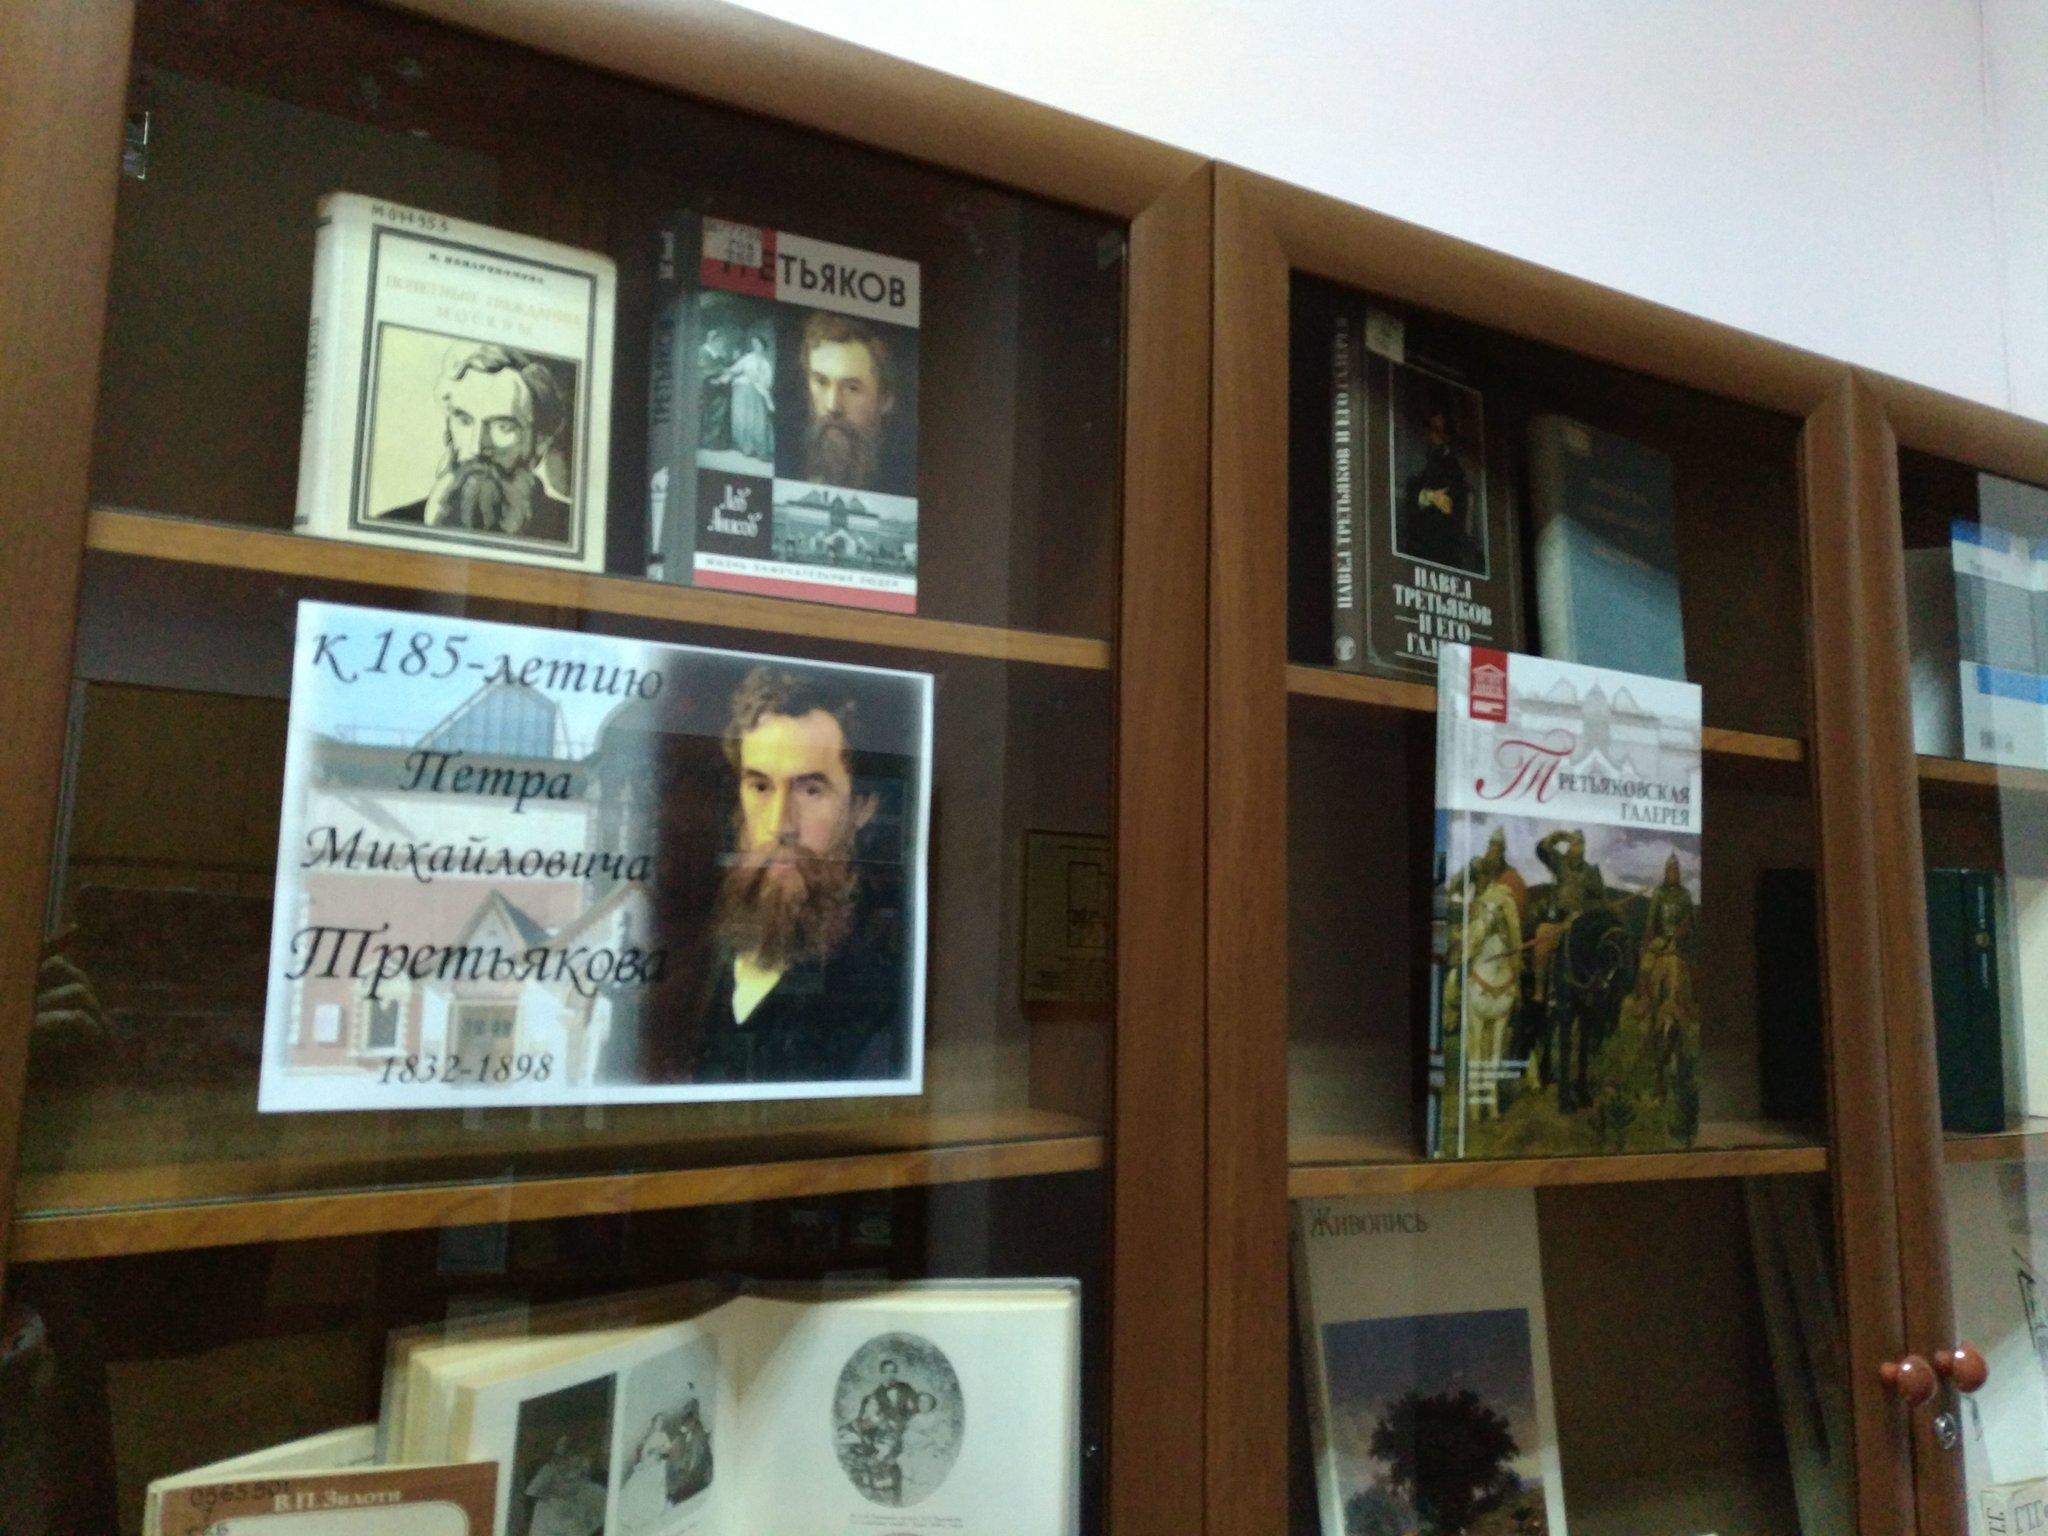 Выставка в Воронежской областной универсальной научной библиотеке имени И. С. Никитина, 9 января 2018